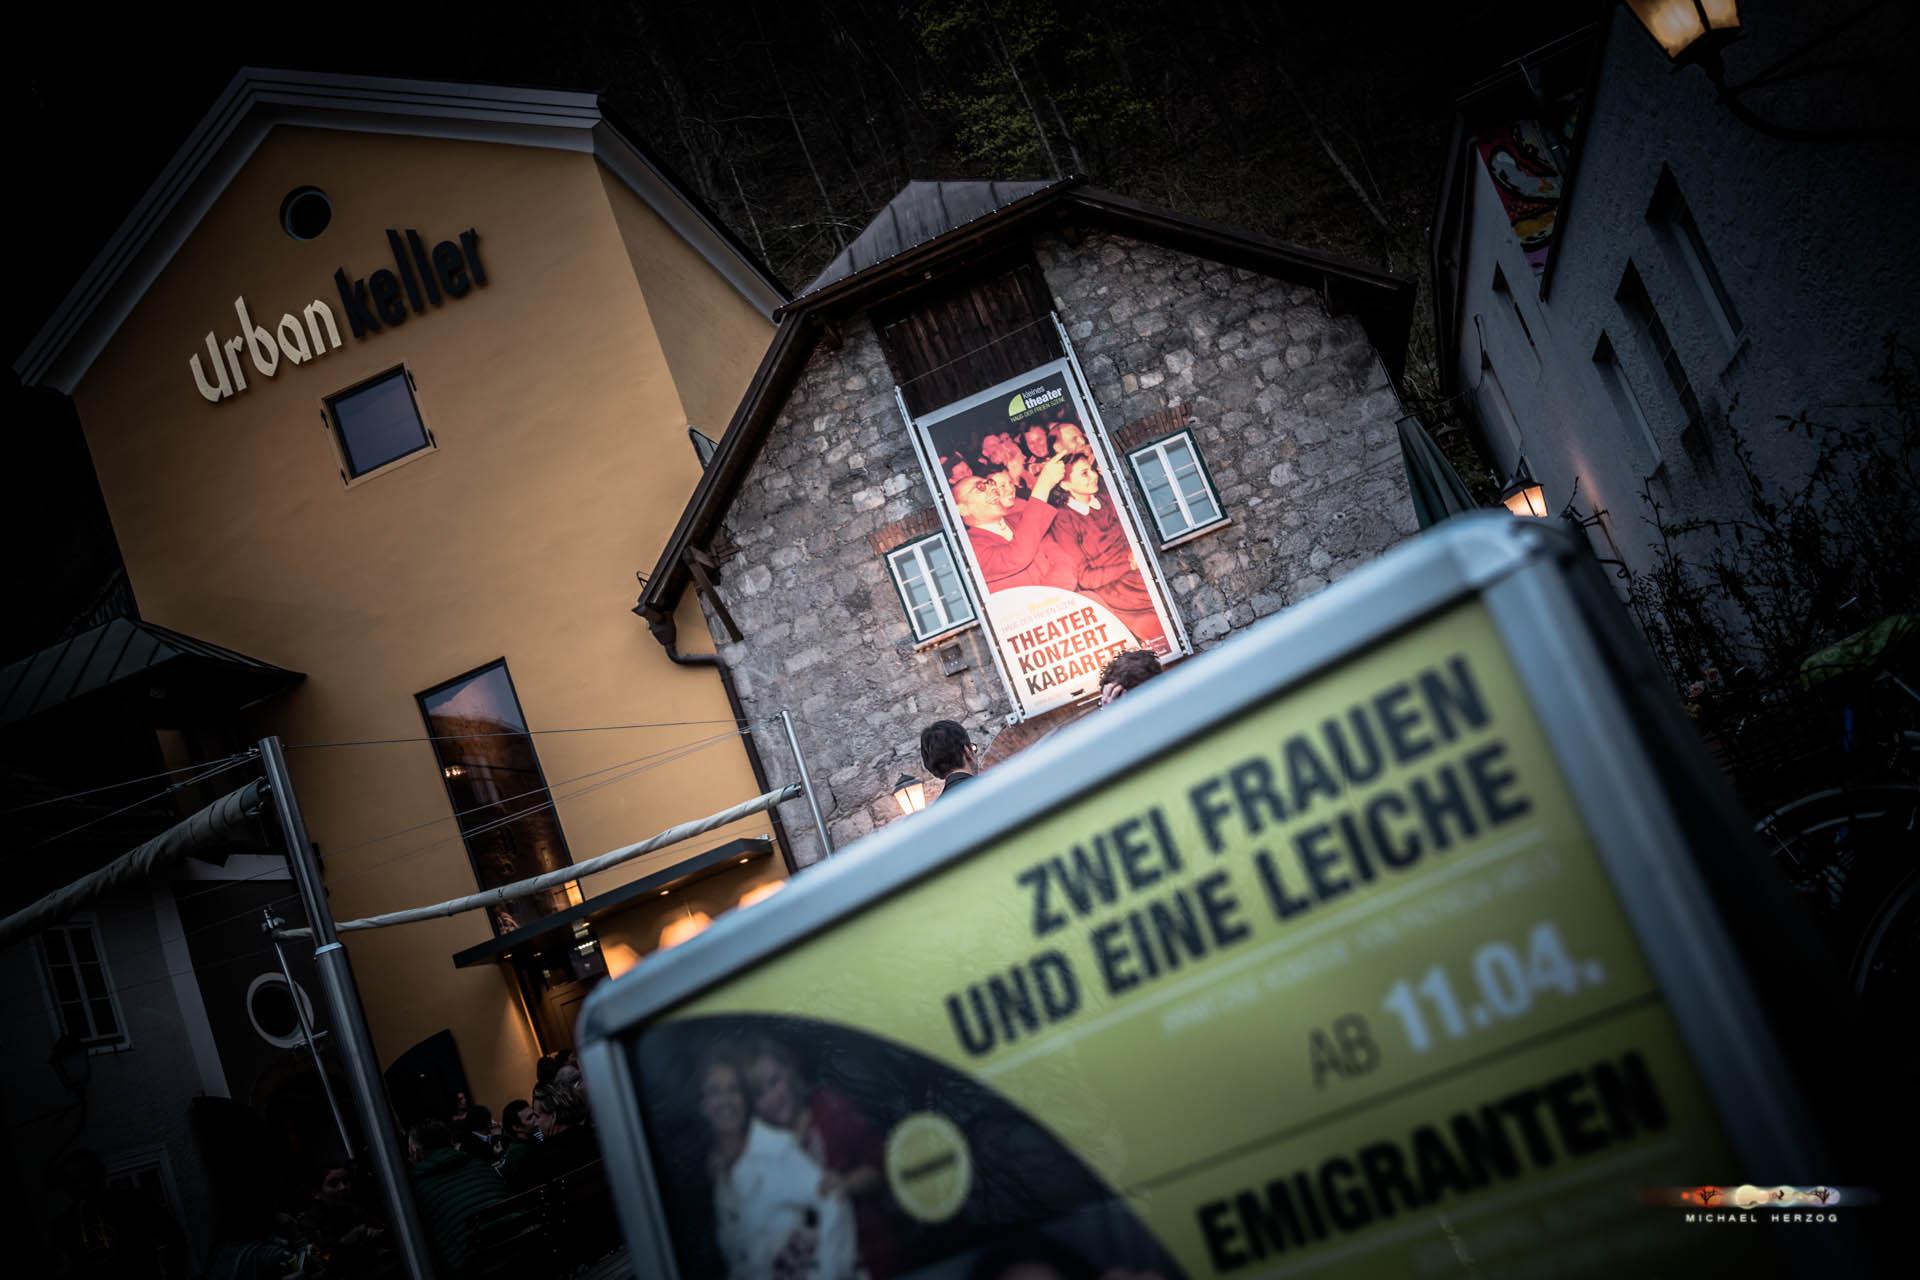 KleinesTheater_2Frauen1Leiche_April2018_MichaelHerzog-3802.jpg